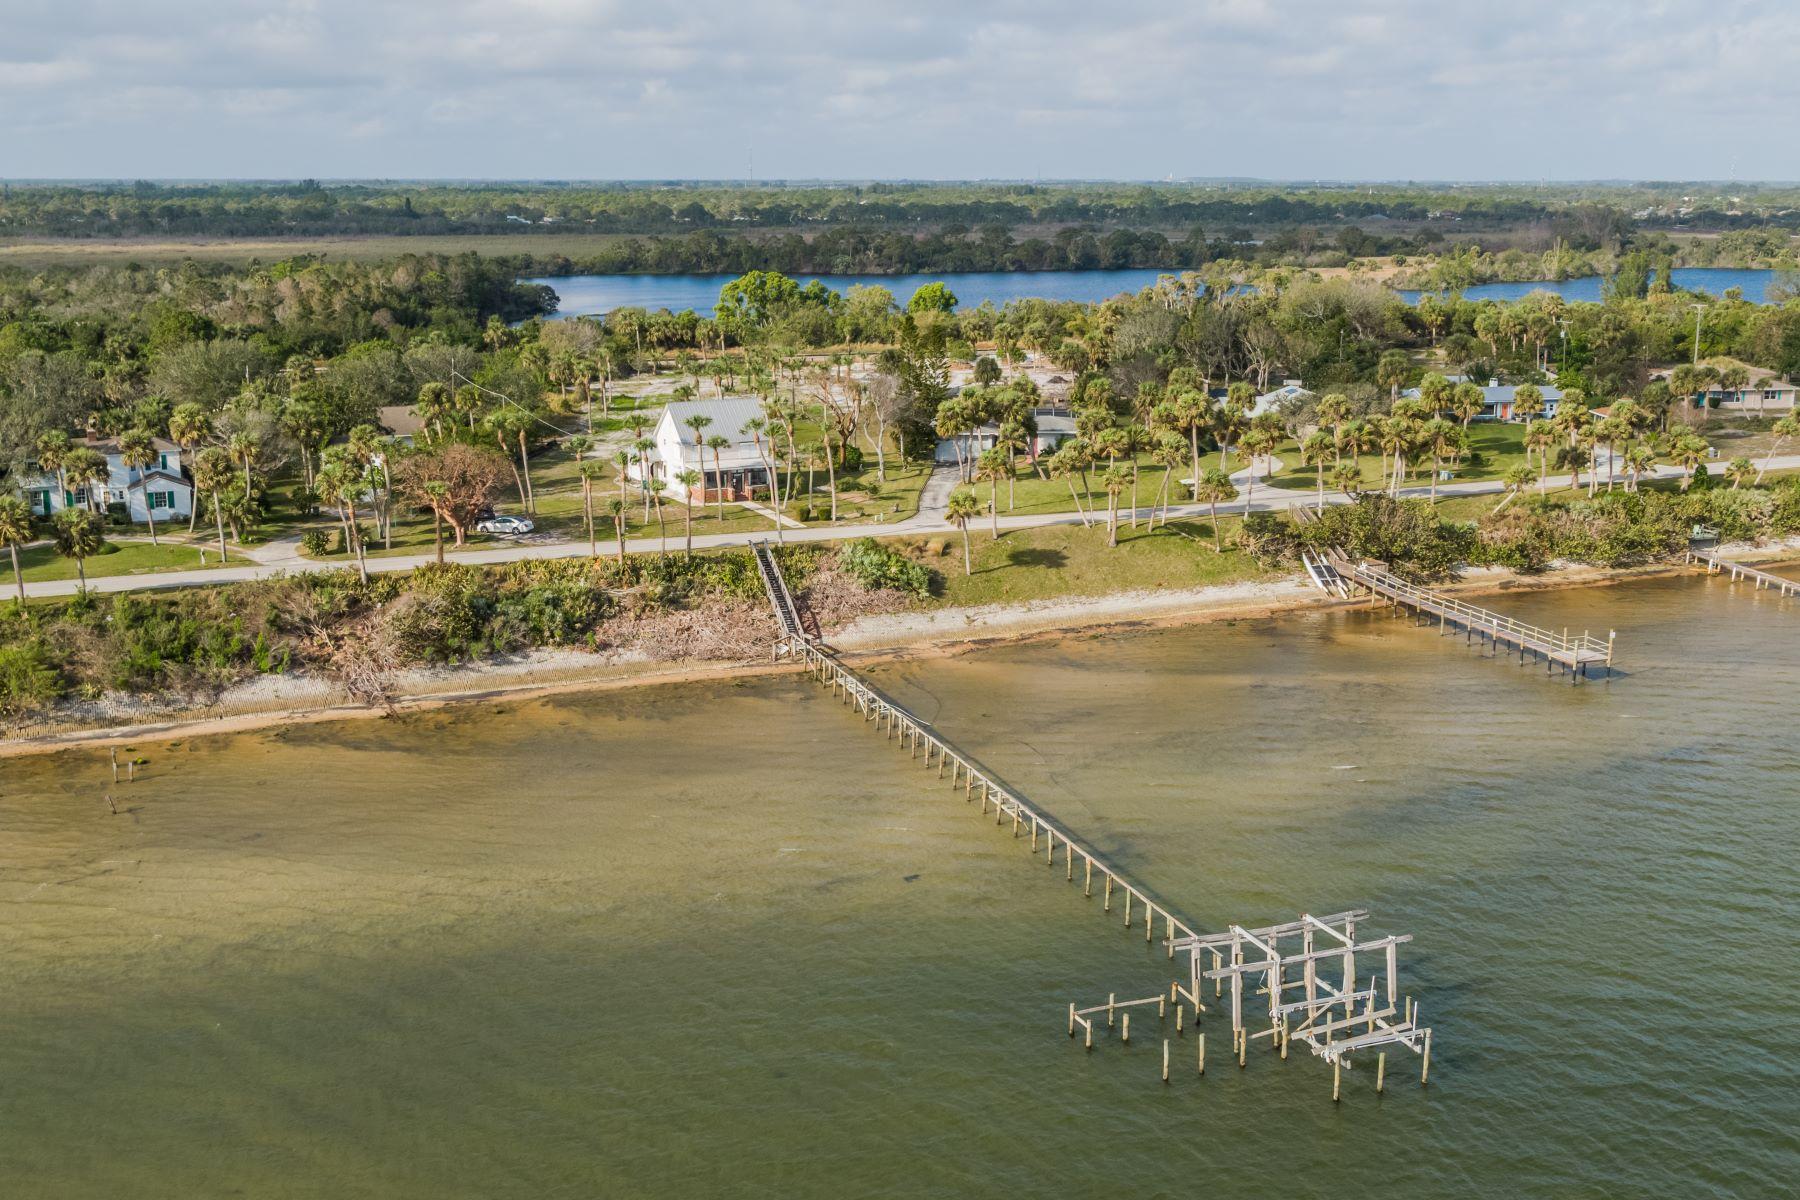 Casa Unifamiliar por un Venta en 5300 S Indian River Drive Fort Pierce, Florida, 34982 Estados Unidos